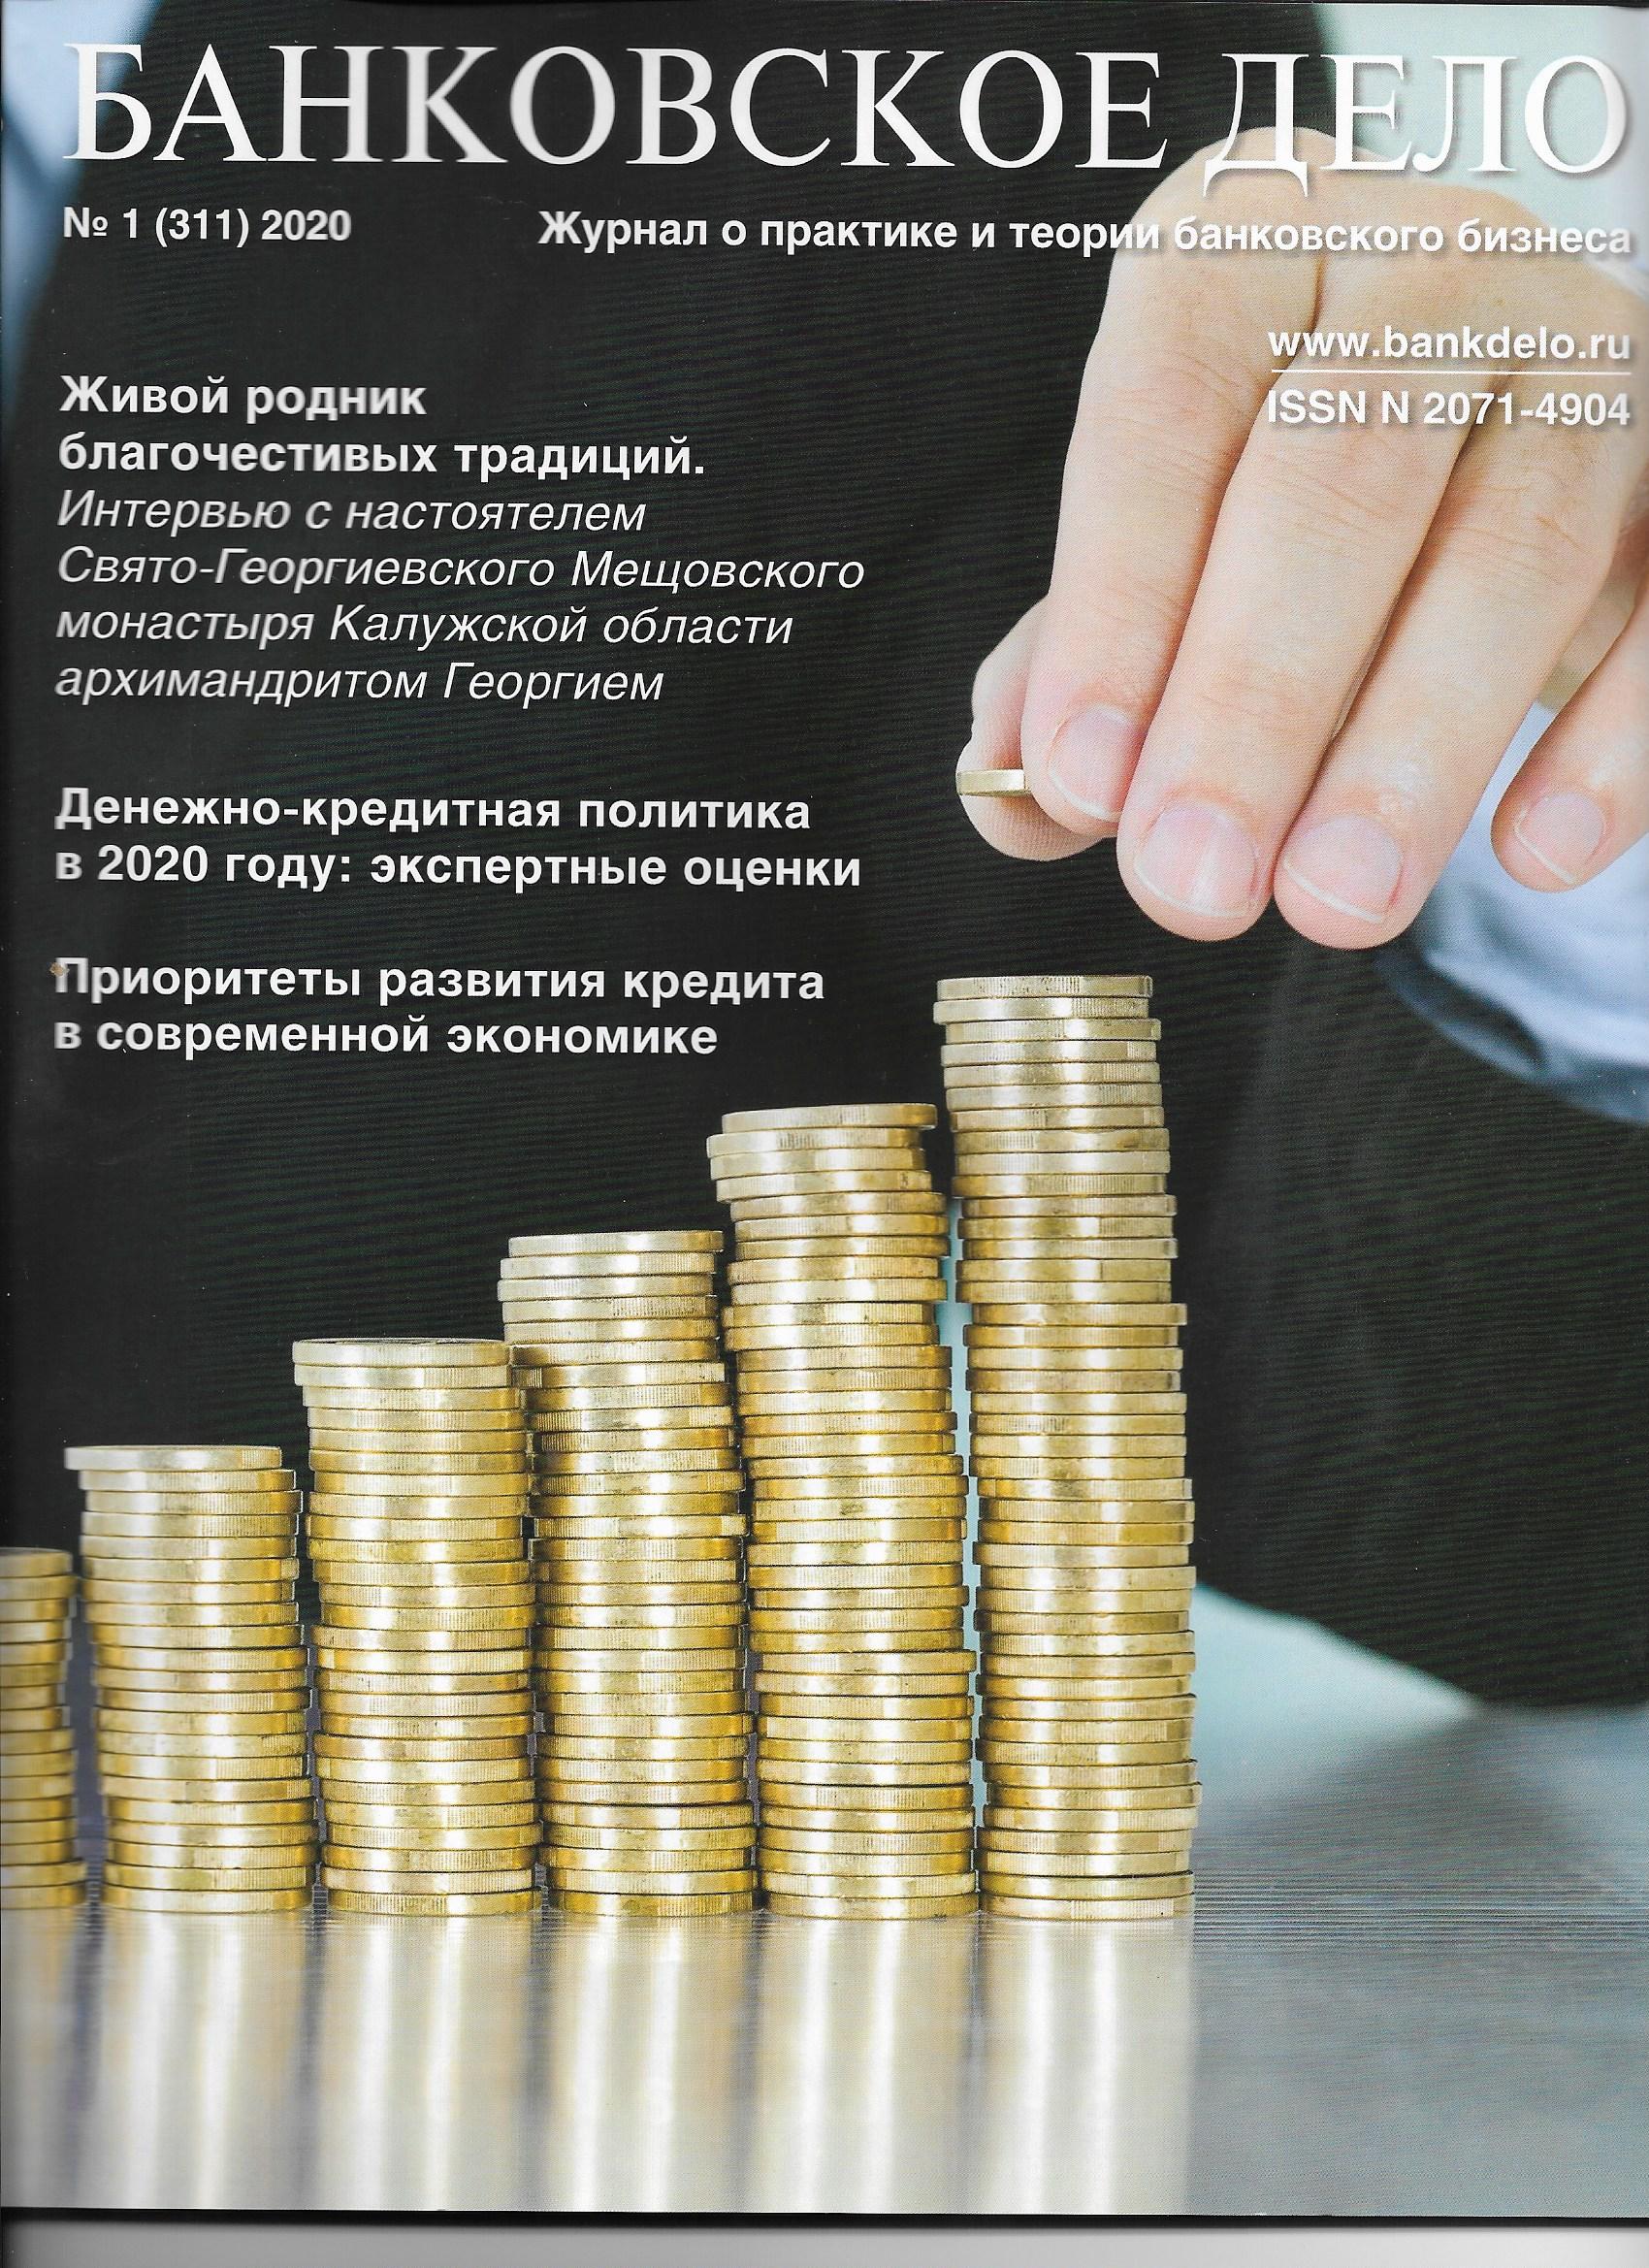 Деньги кредит банки лаврушин 2020 читать